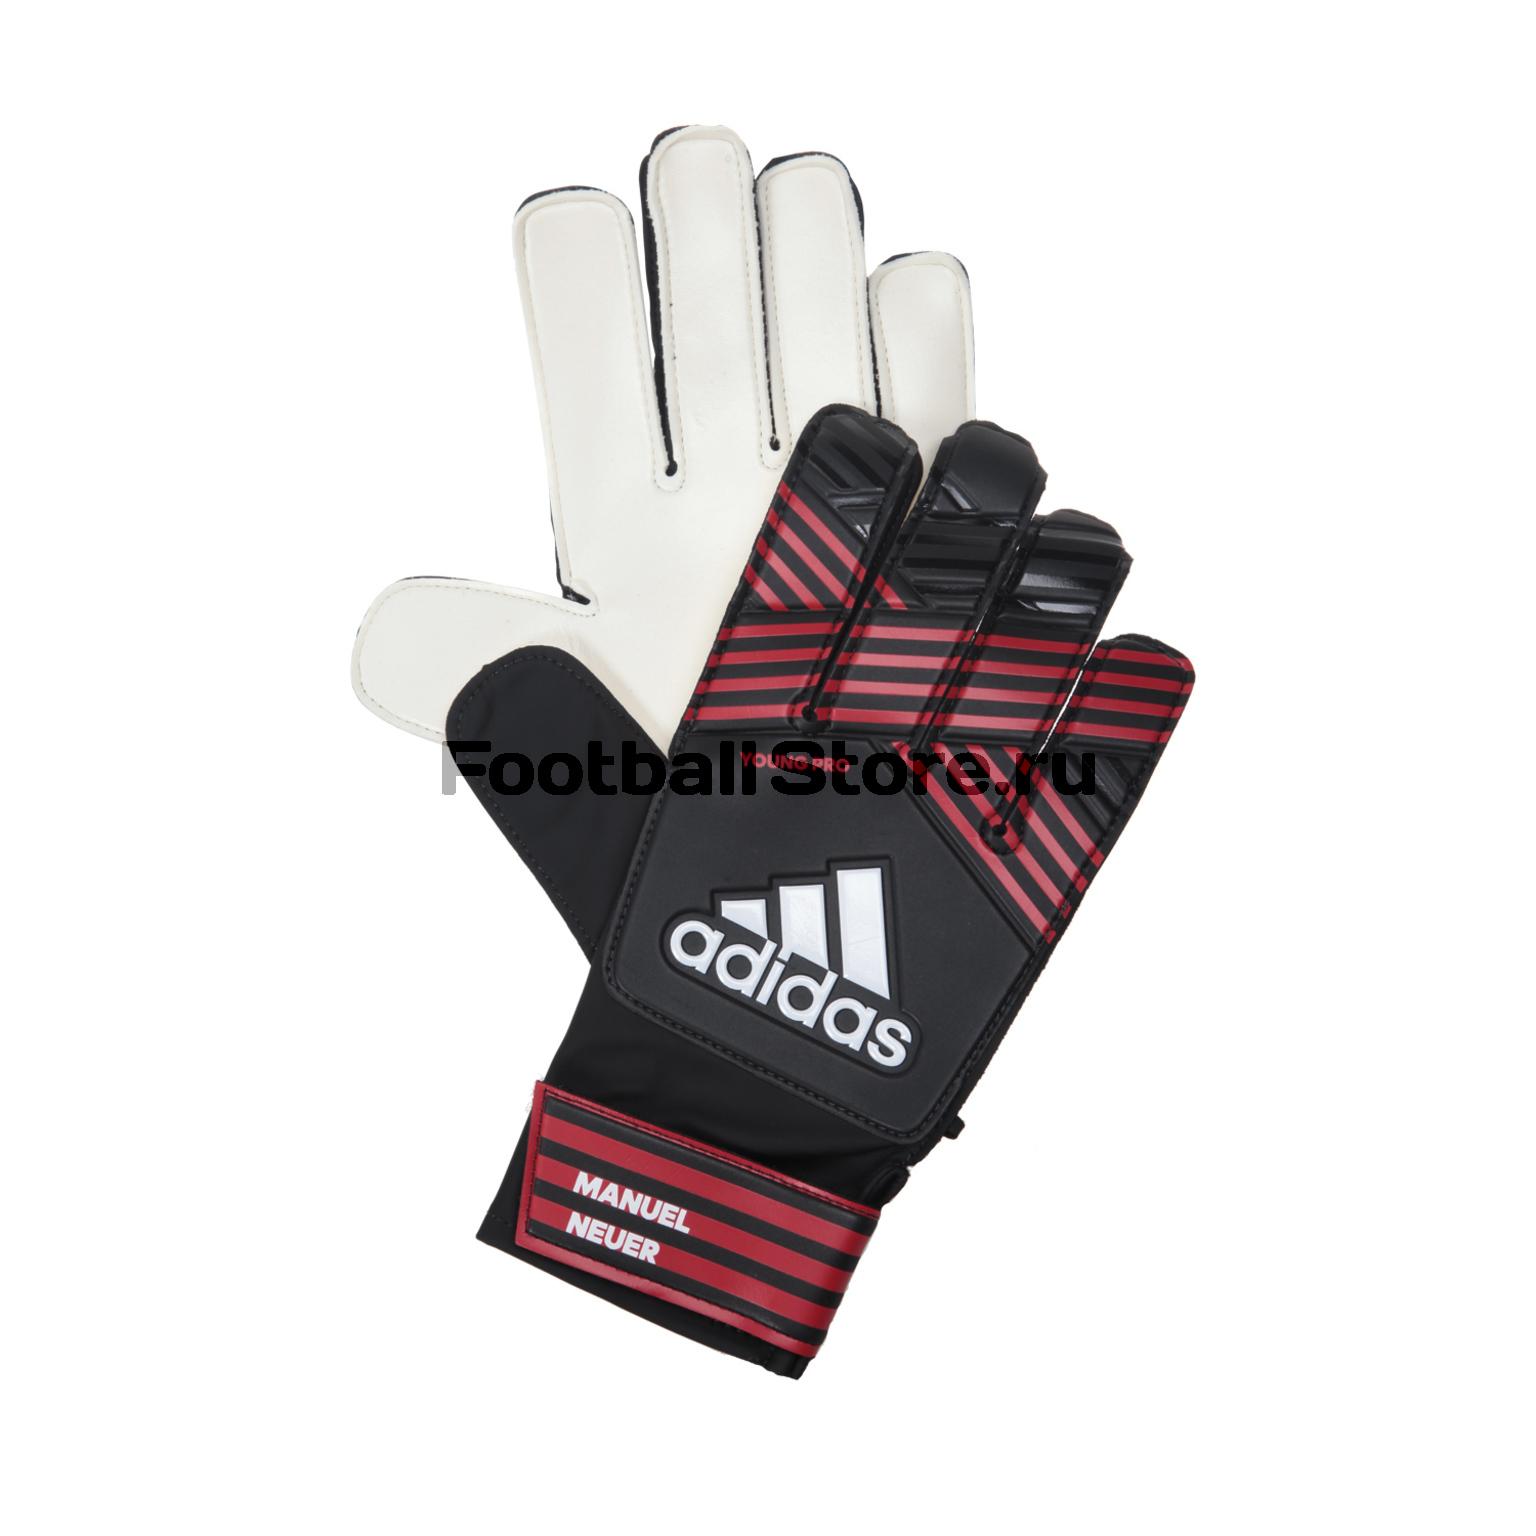 Перчатки вратарские подростковые Adidas Ace BS1552 перчатки adidas перчатки вратарские adidas ace magnetic st cd9131